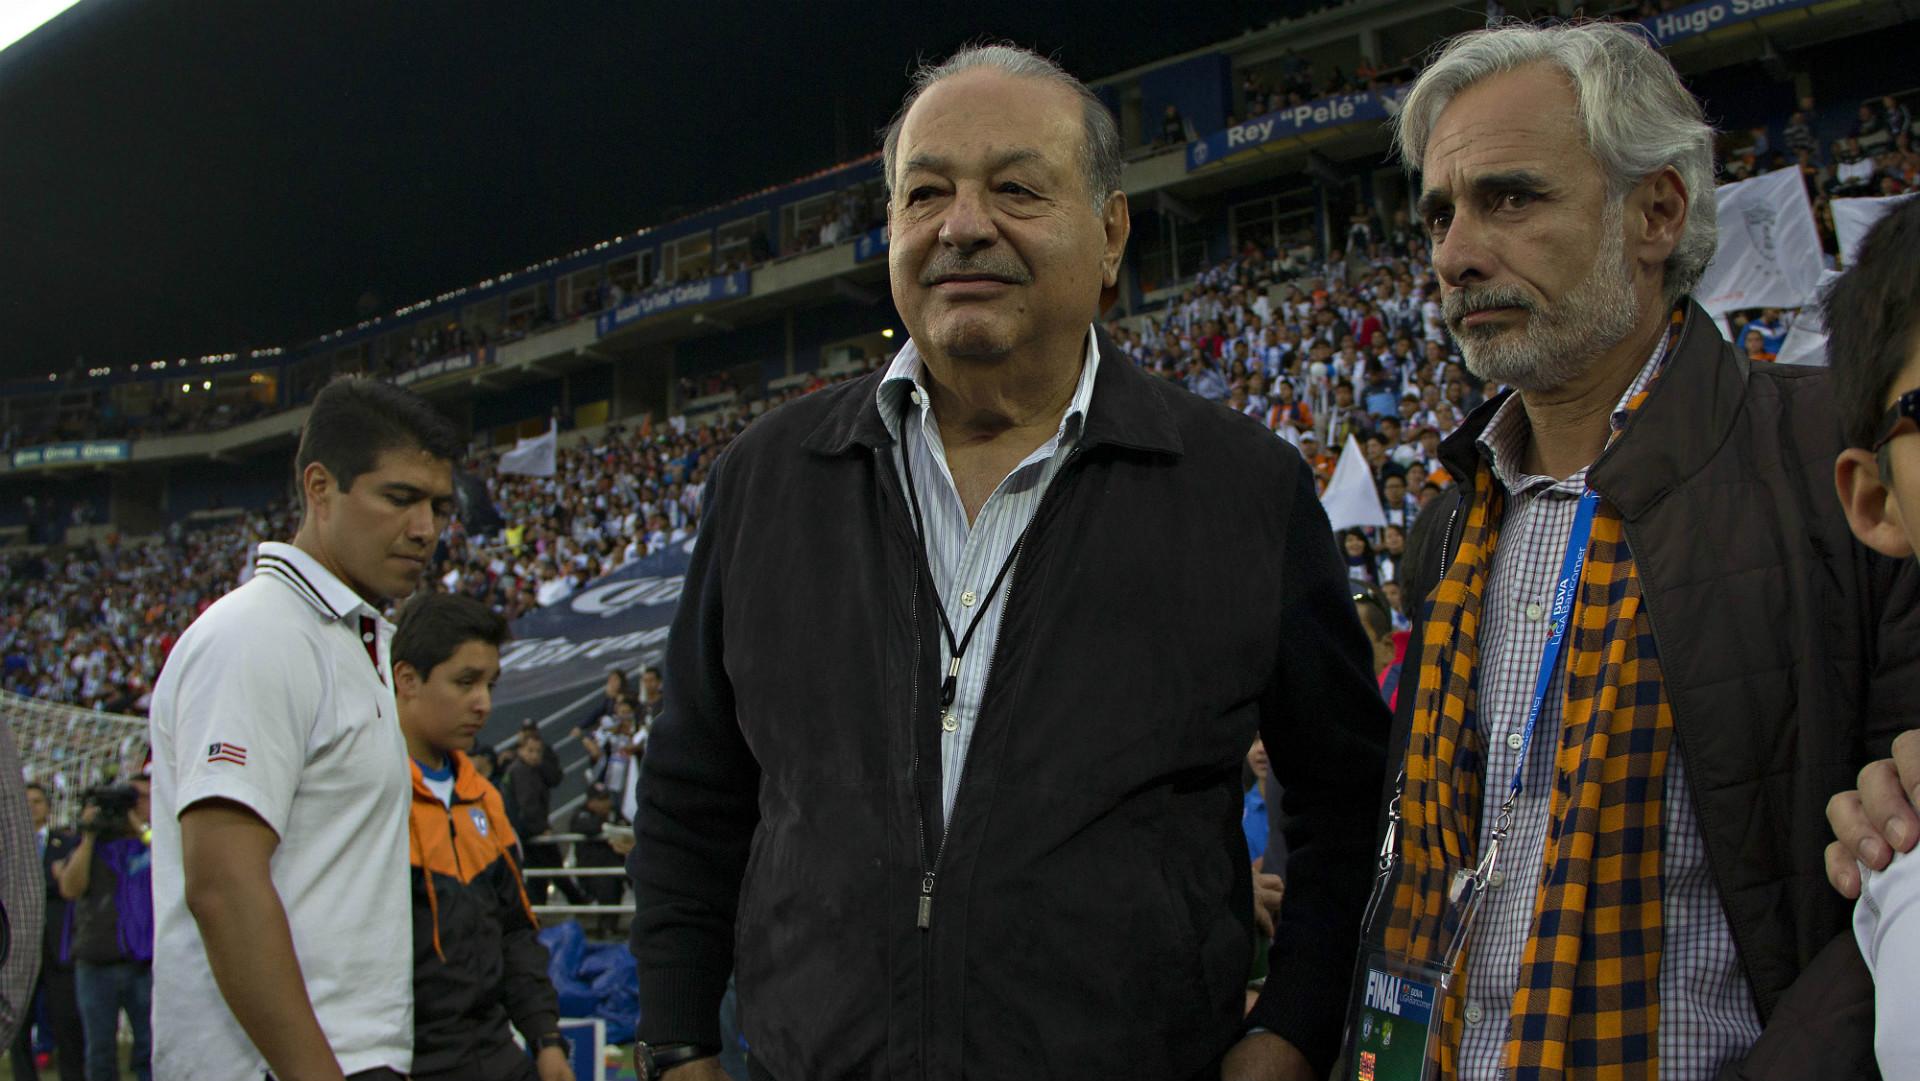 Grupo Pachuca anuncia fin de relación con Carlos Slim